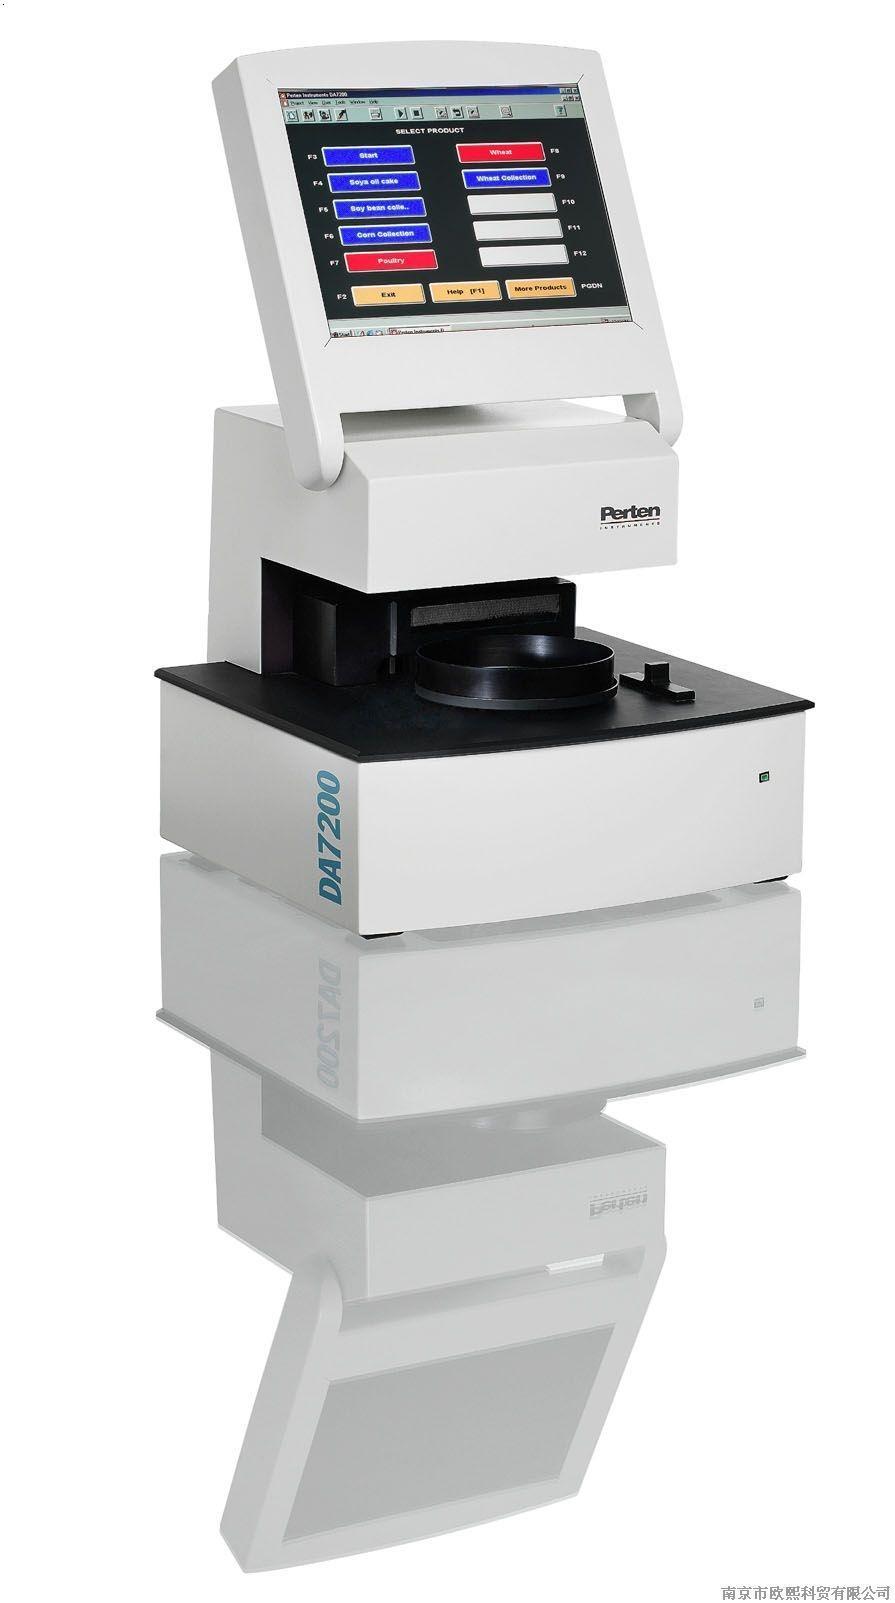 近红外分析仪da7200产地:瑞典